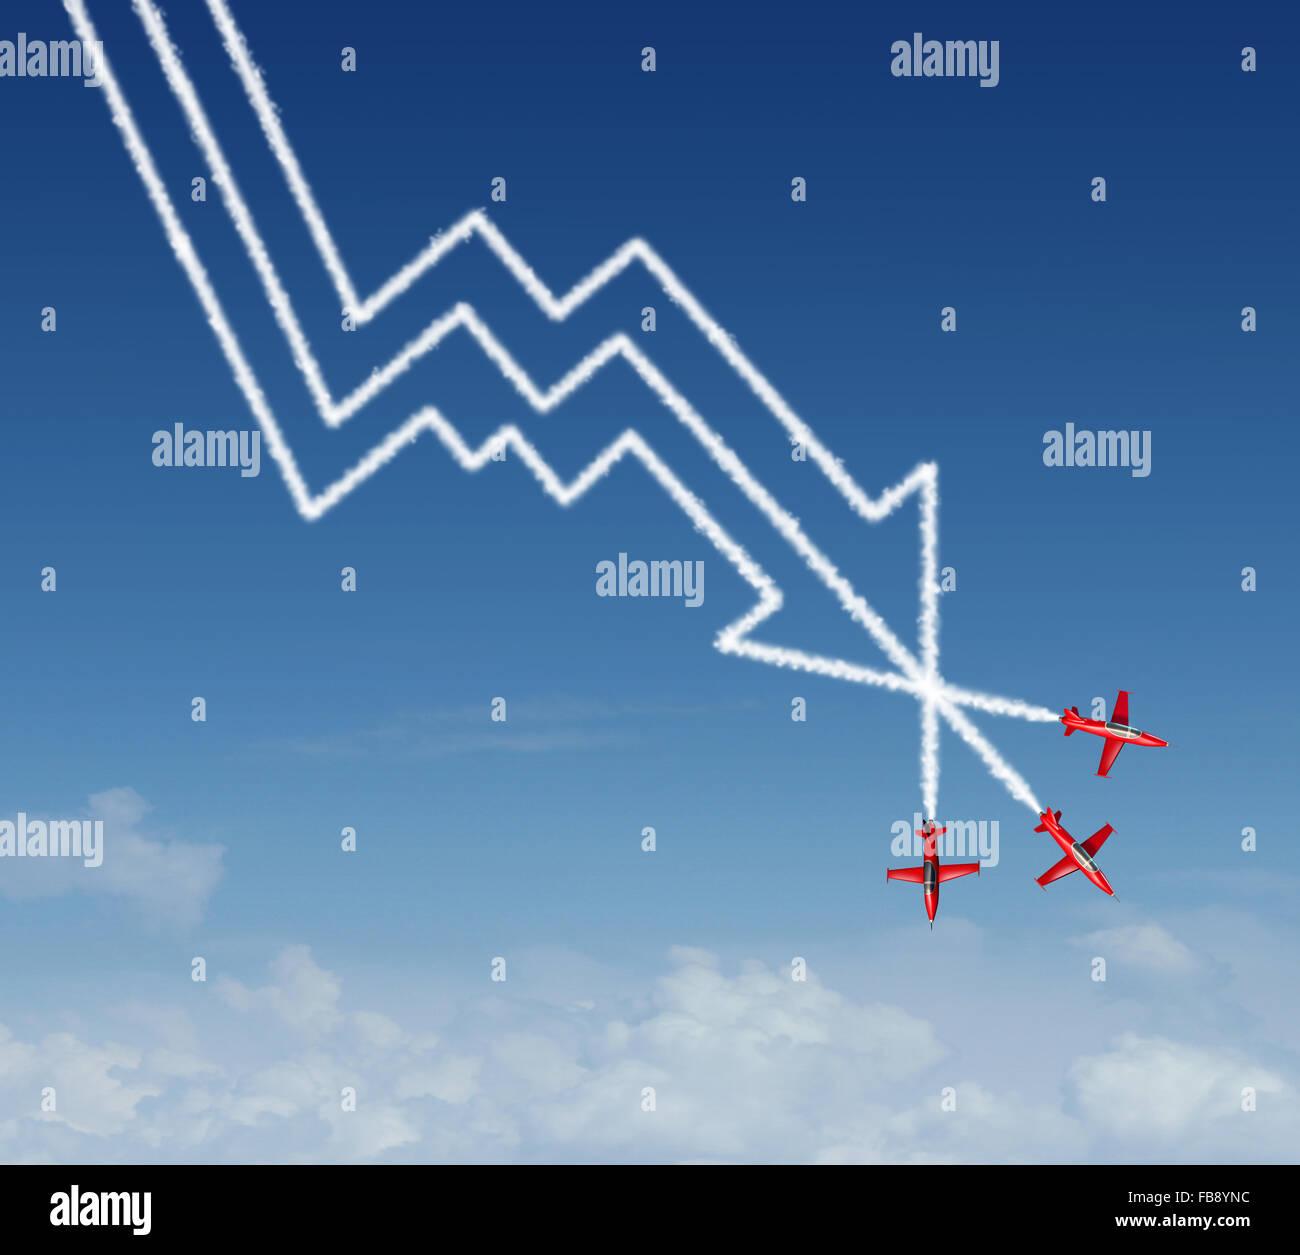 Tuffo finanziaria il concetto di business come un gruppo di air show acrobatici aerei a getto la creazione di un Immagini Stock